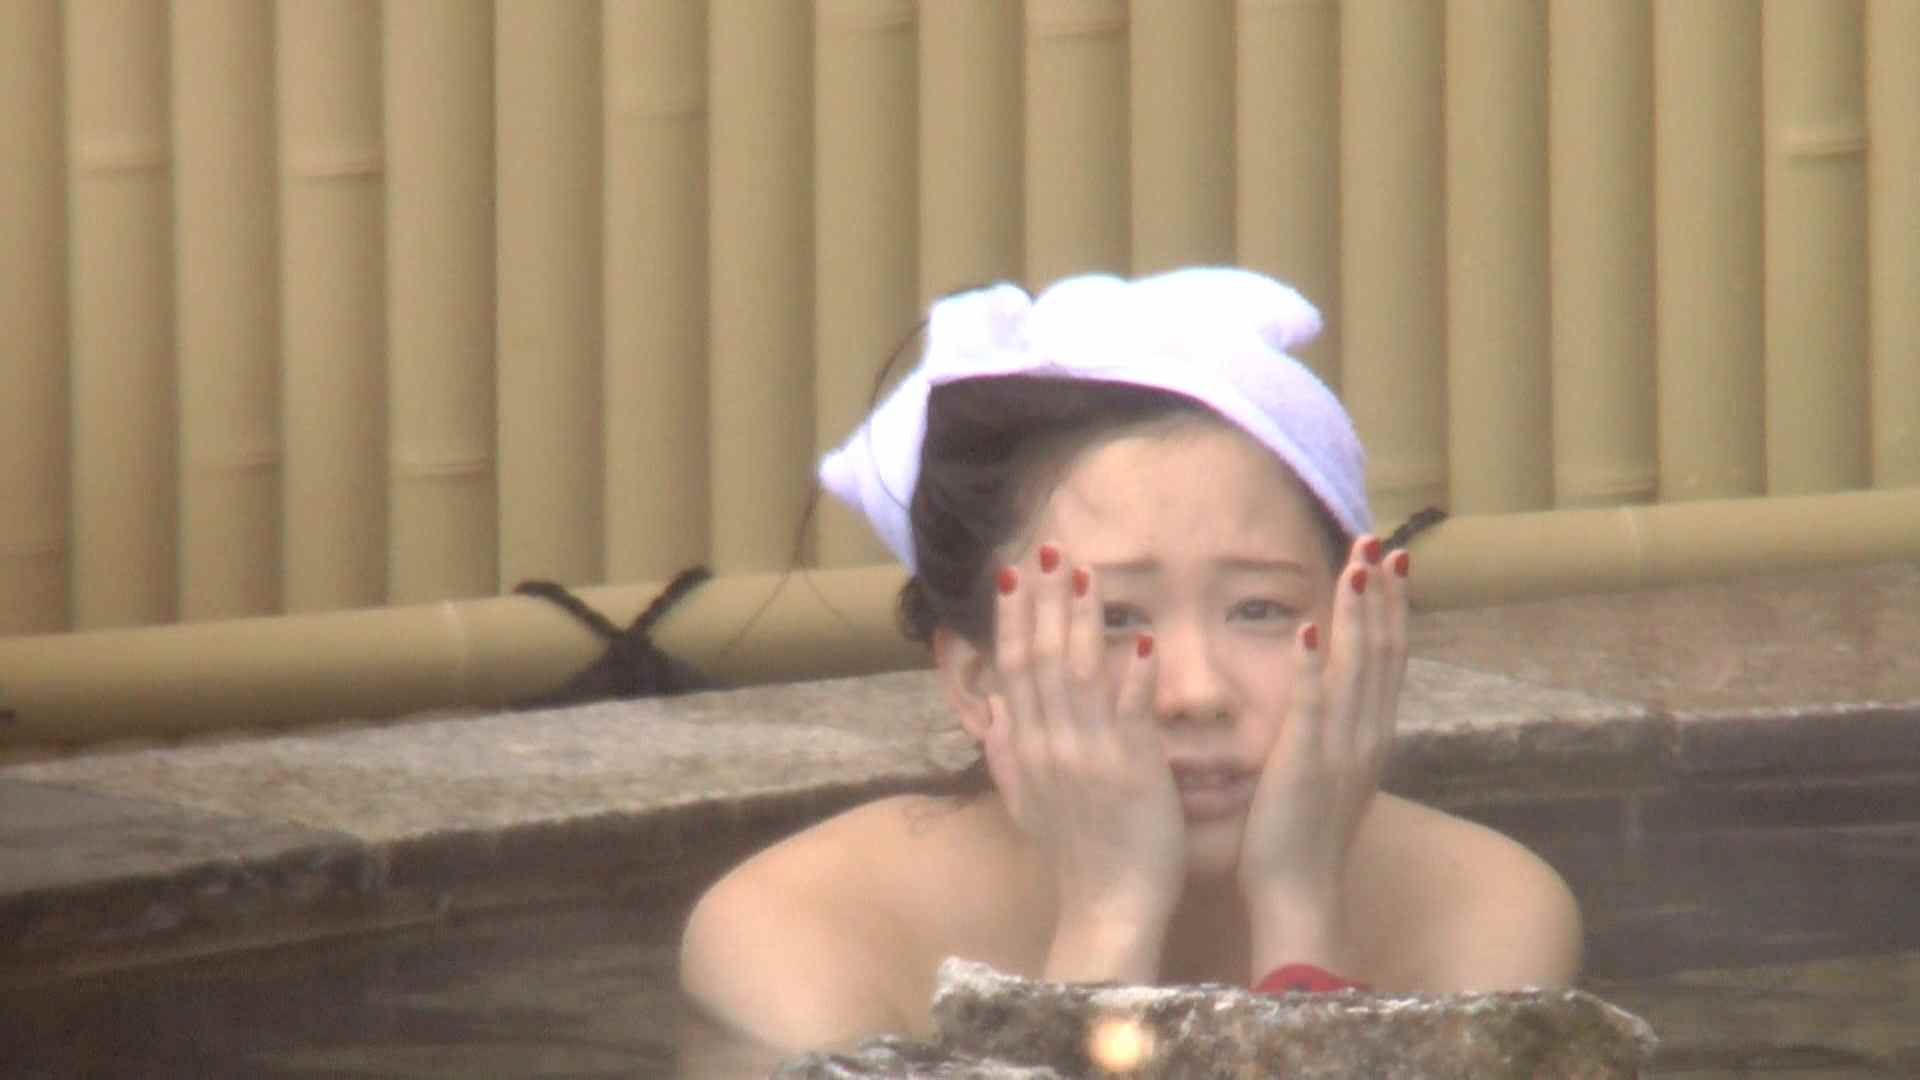 Aquaな露天風呂Vol.211 露天 | 盗撮  68画像 67